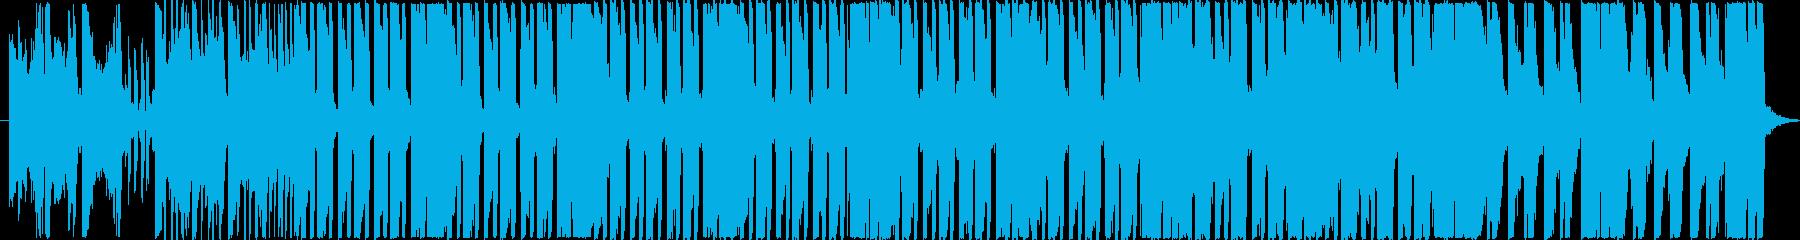 ダンスミュージックでかっこいい曲の再生済みの波形